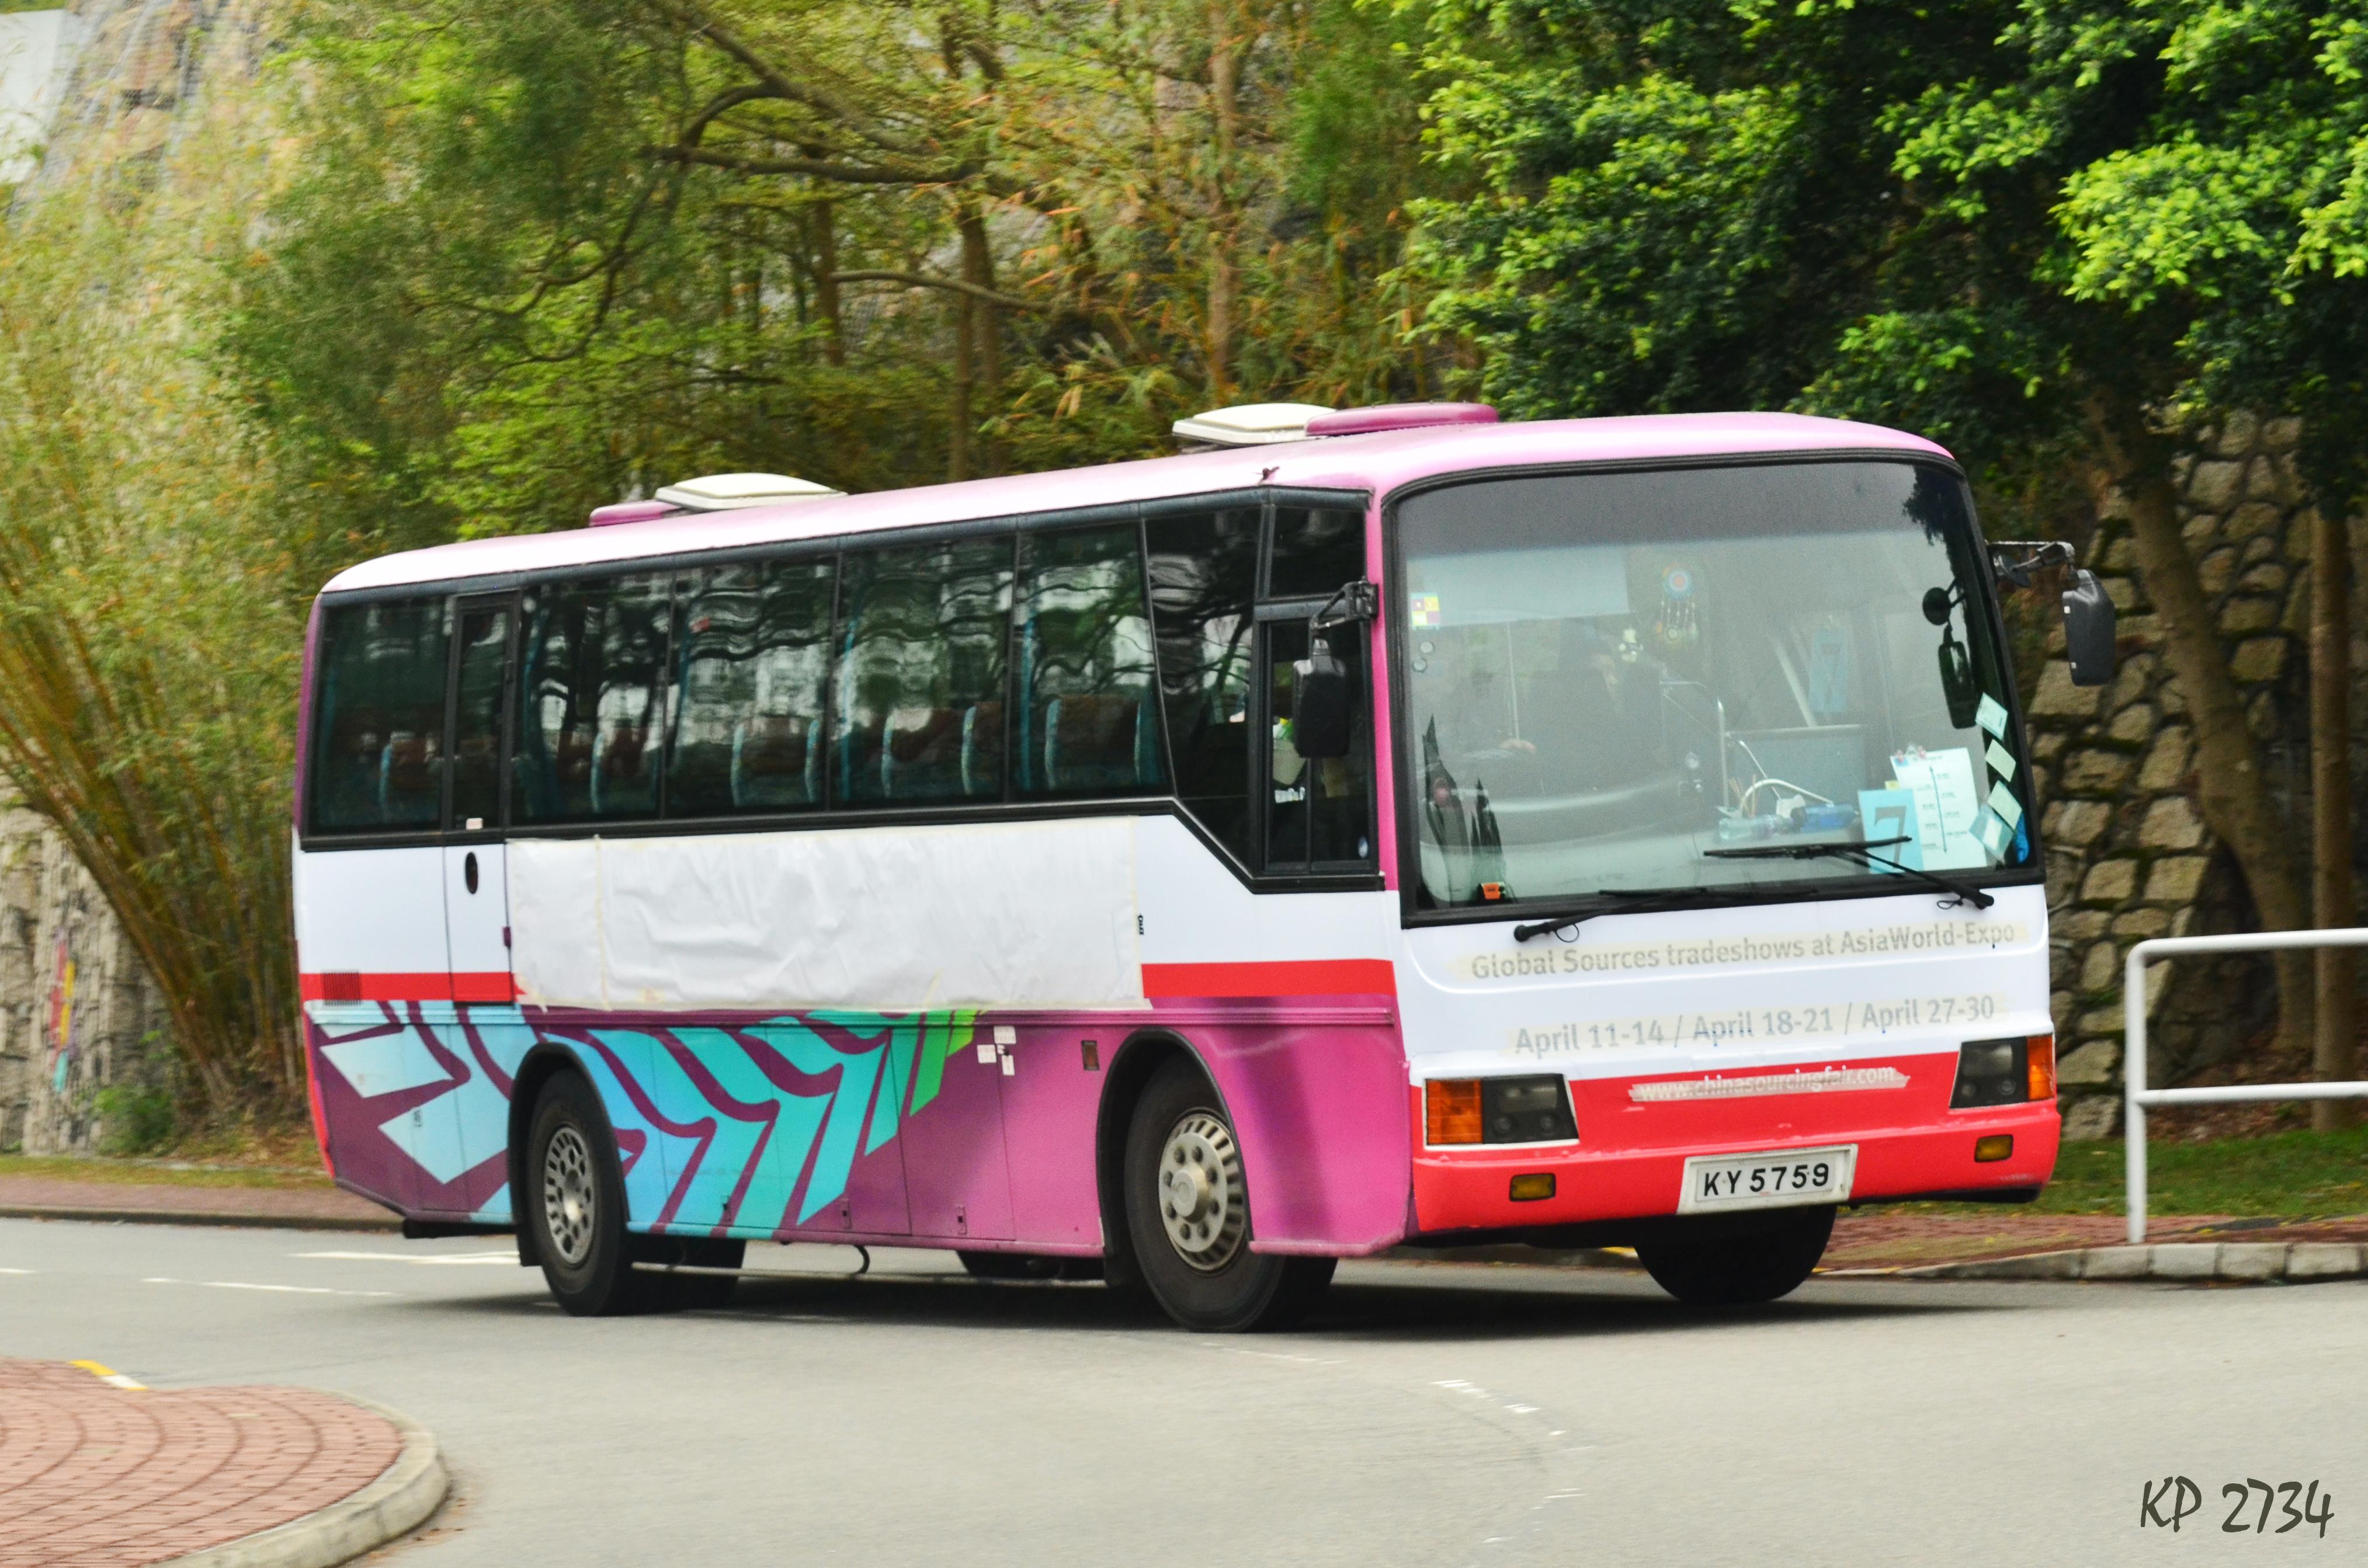 香港中文大學校巴7號線